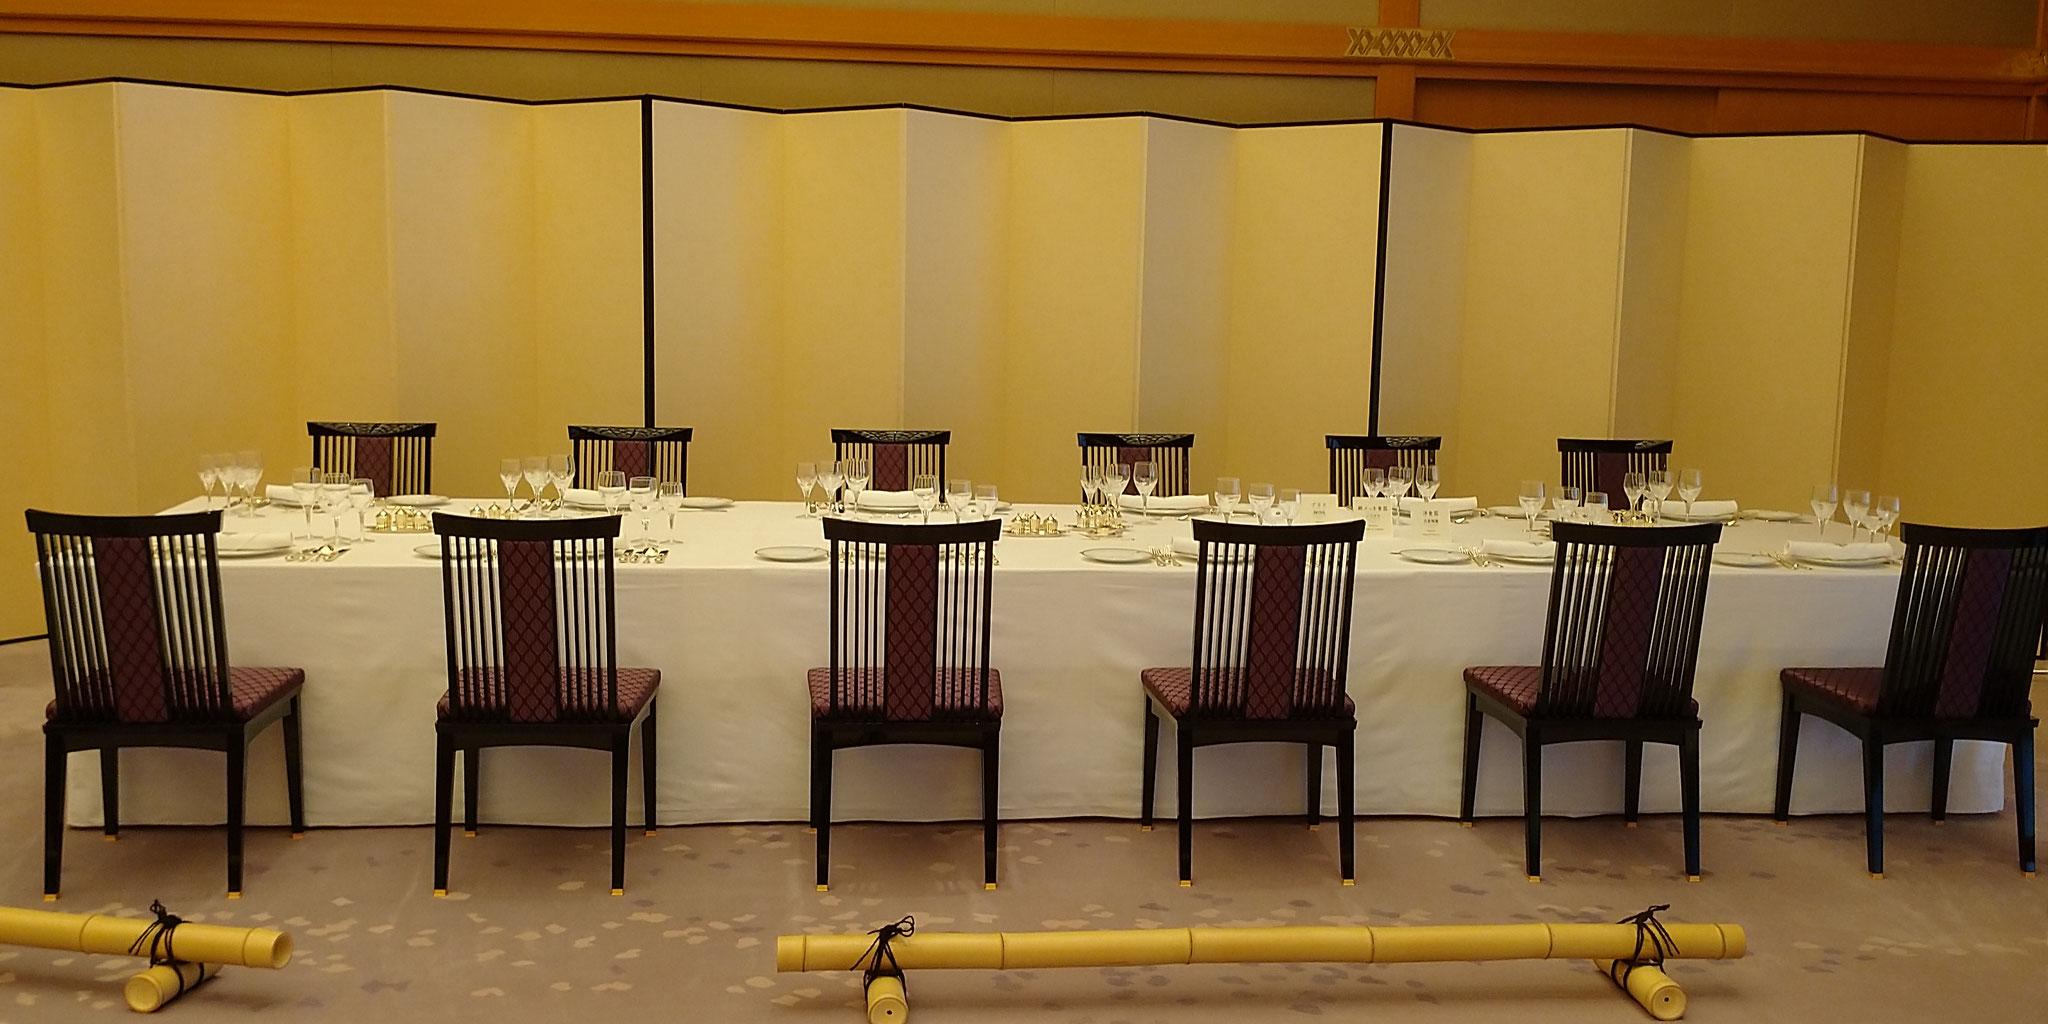 藤の間 宴会テーブル 最大120名までの大広間の晩餐室